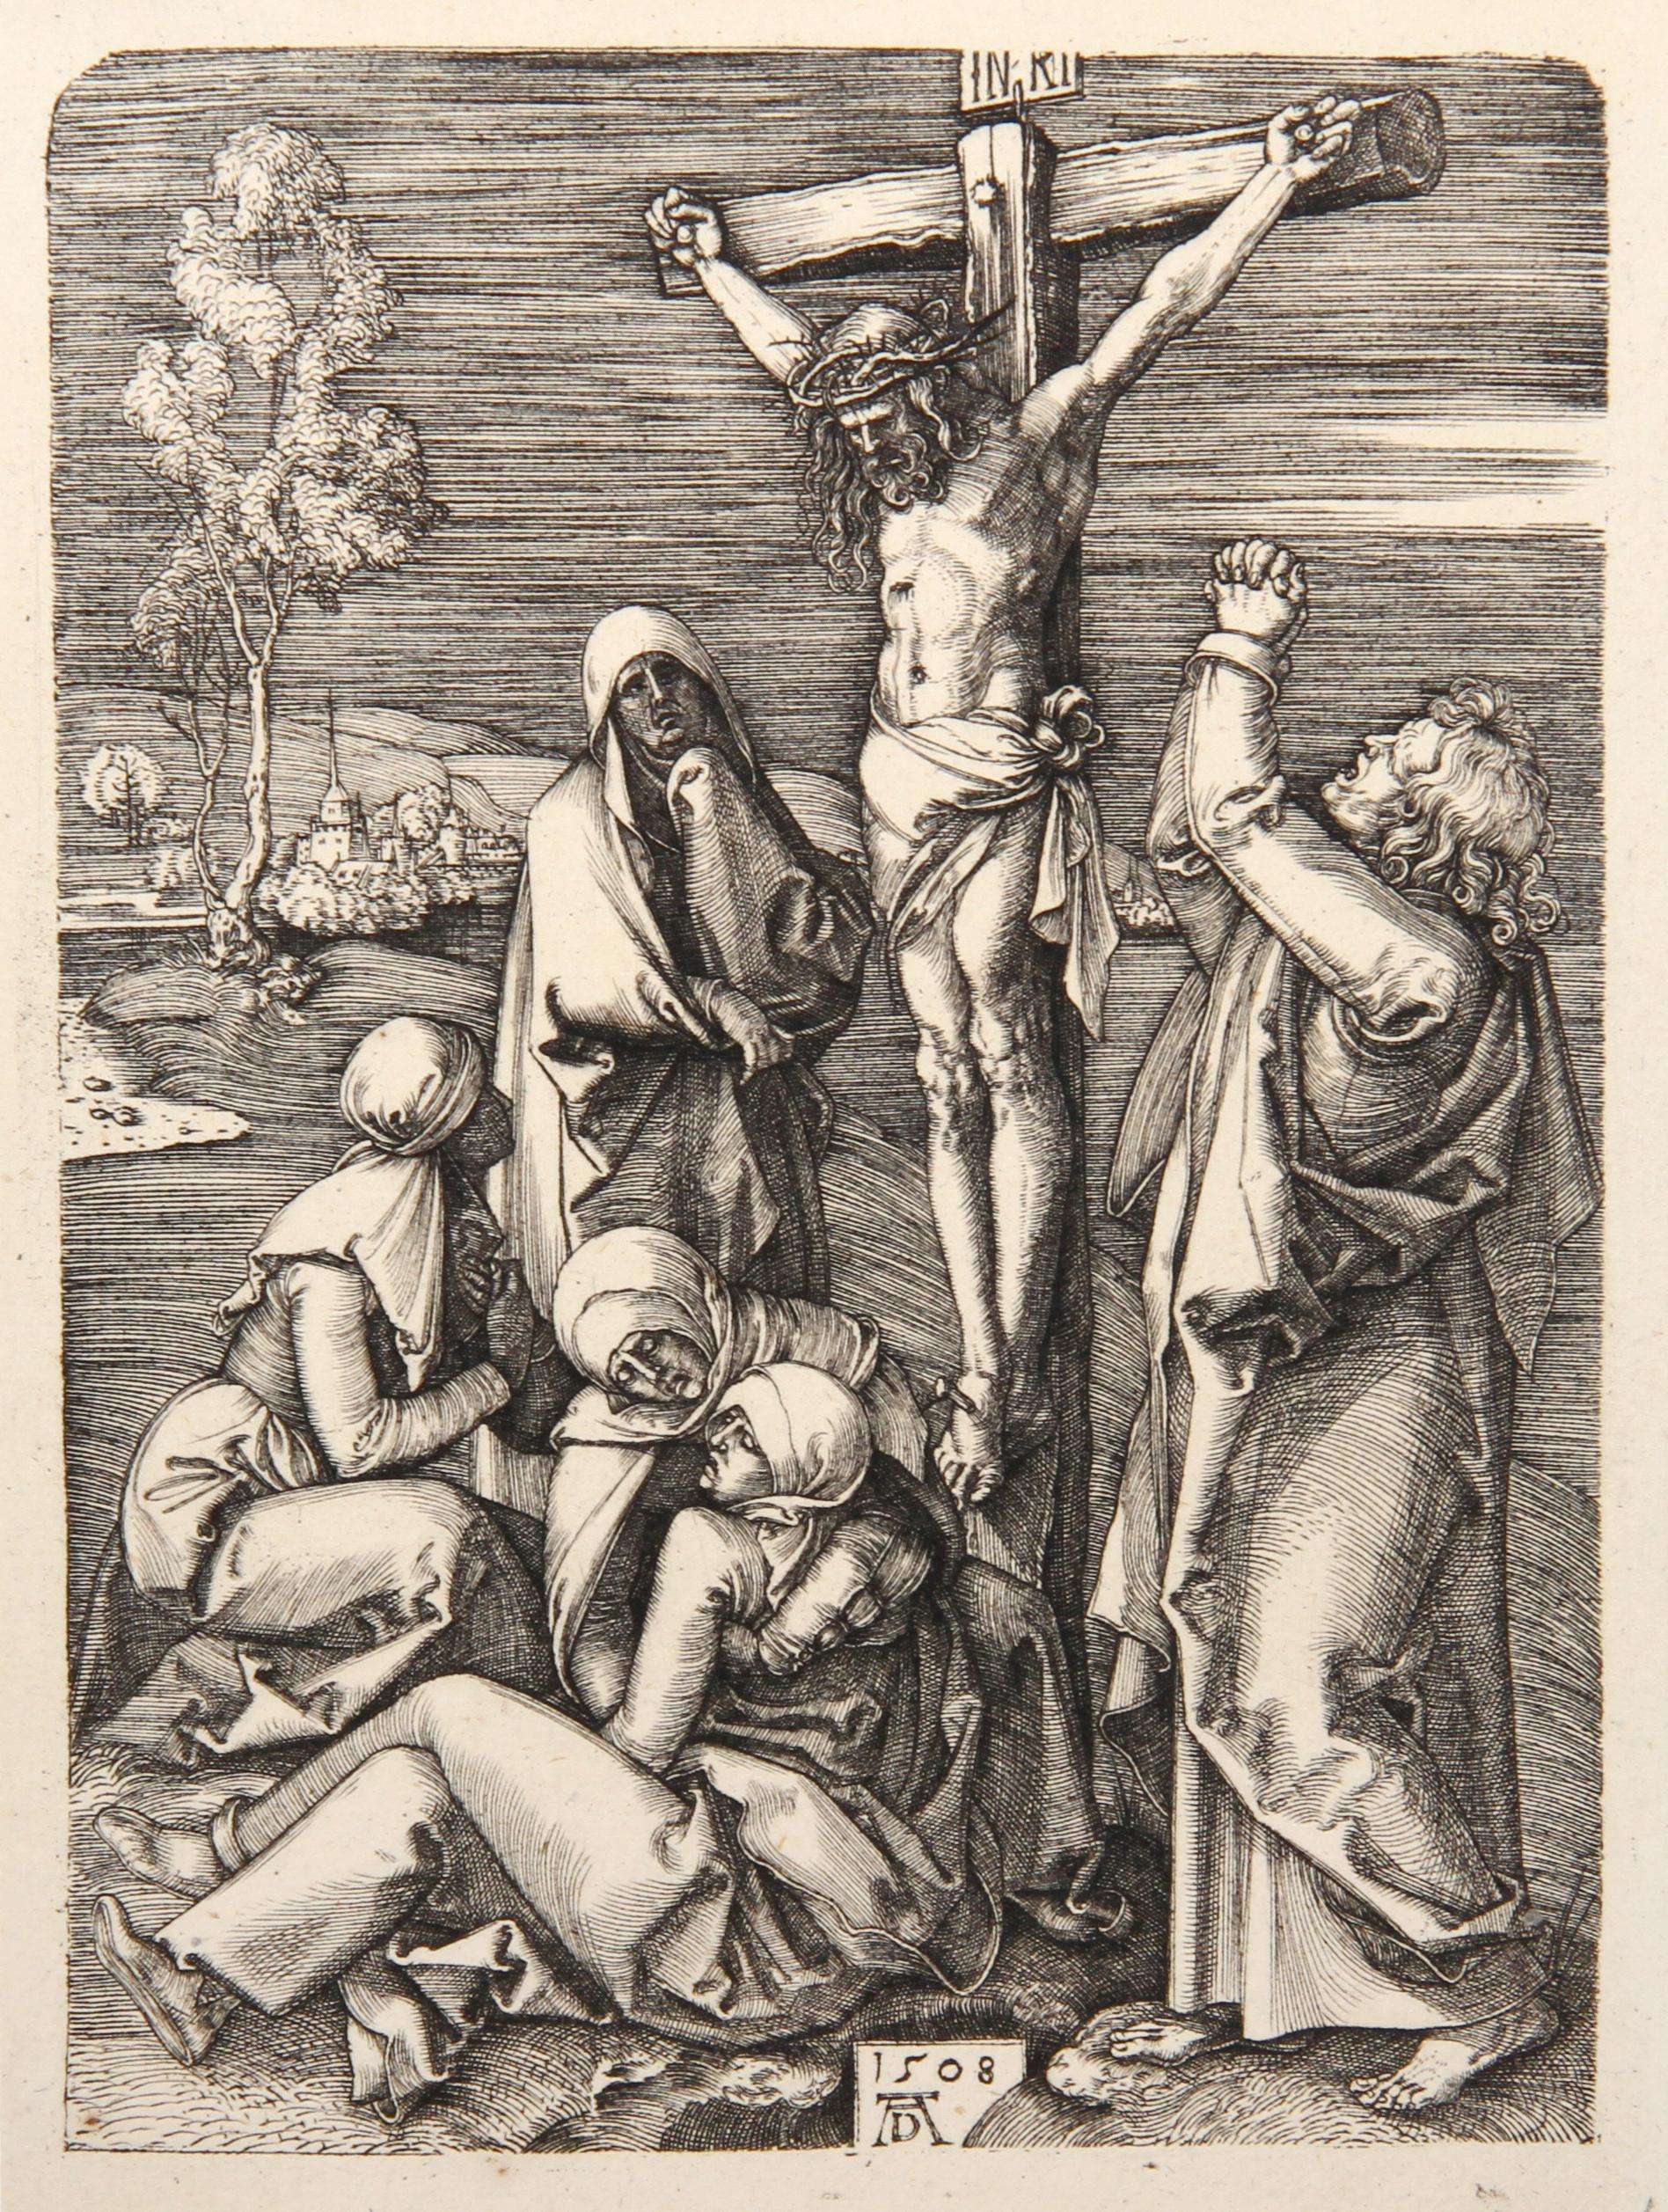 Jesus Christ Expirant sur la Croix etching by Amand-Durand after Albrecht Durer